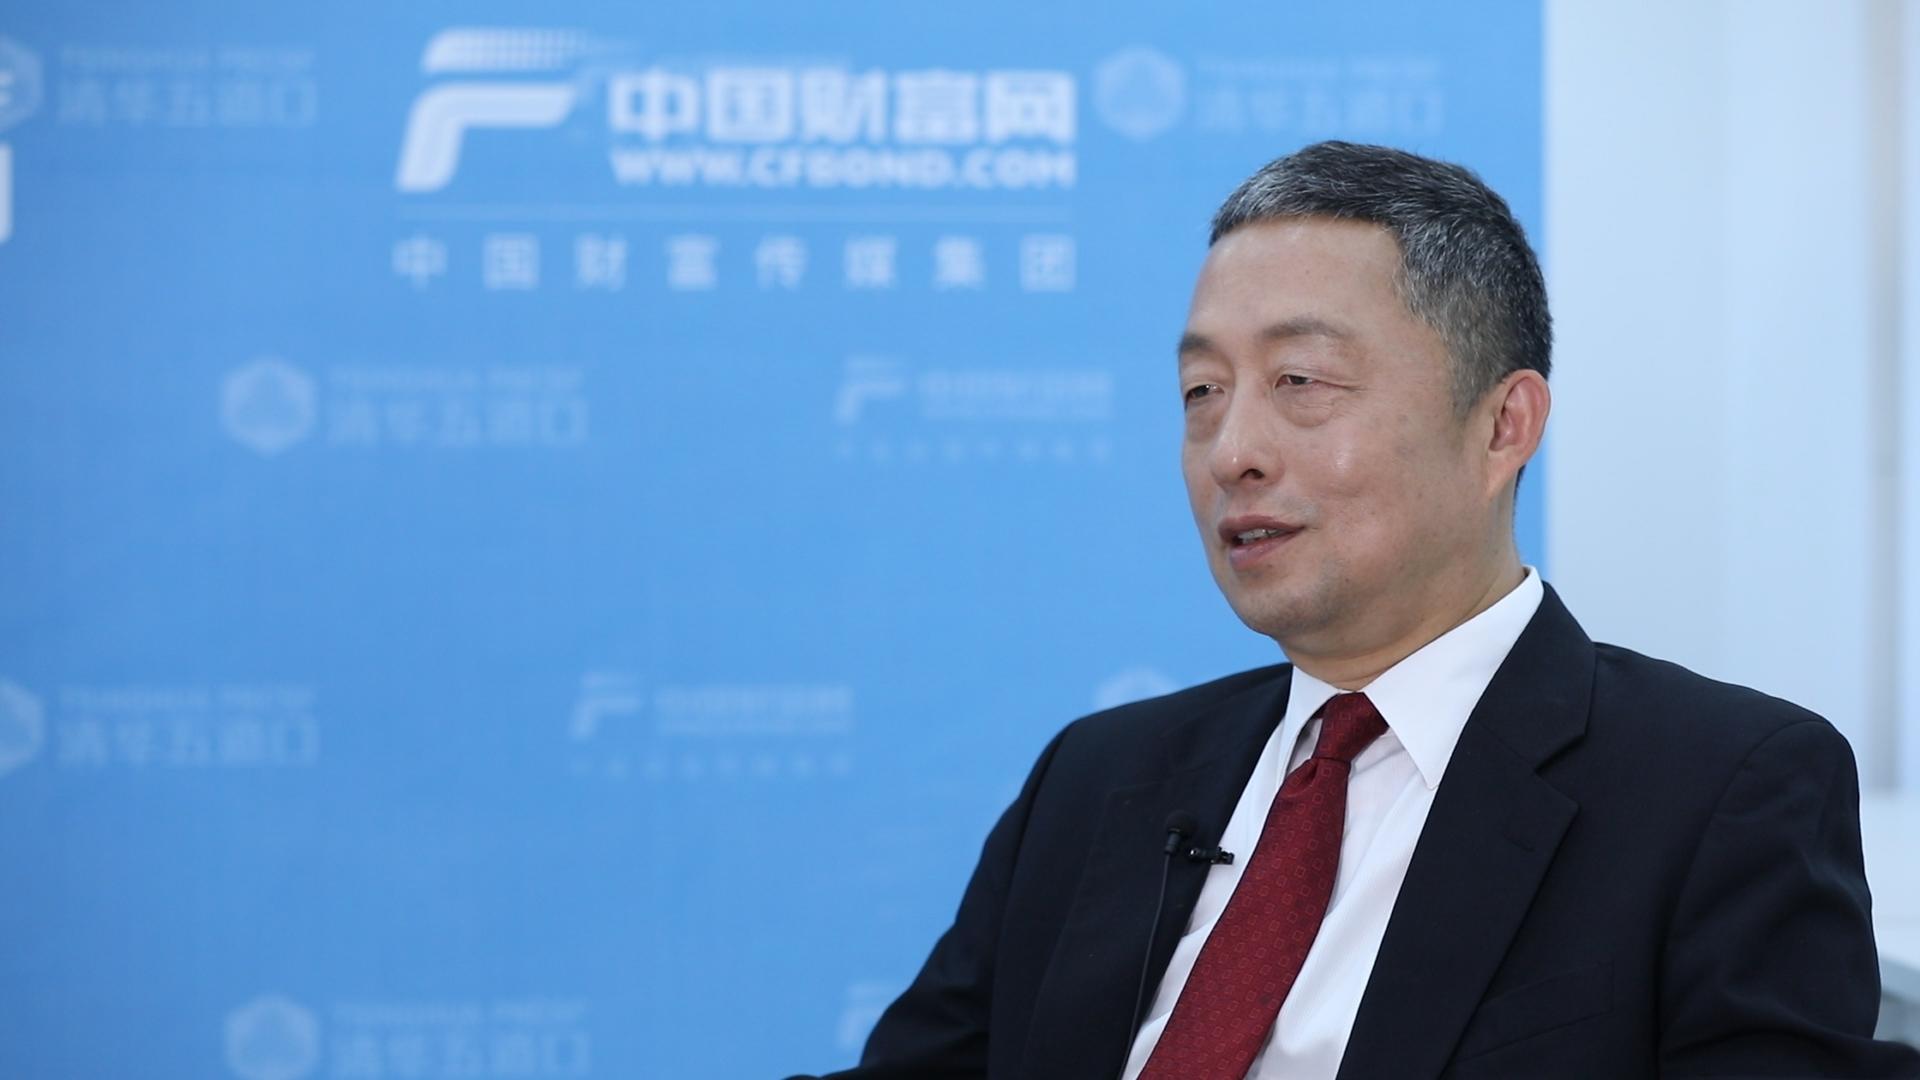 【中国财富报道】周皓:注册制减少了政府对资本市场的过度干预